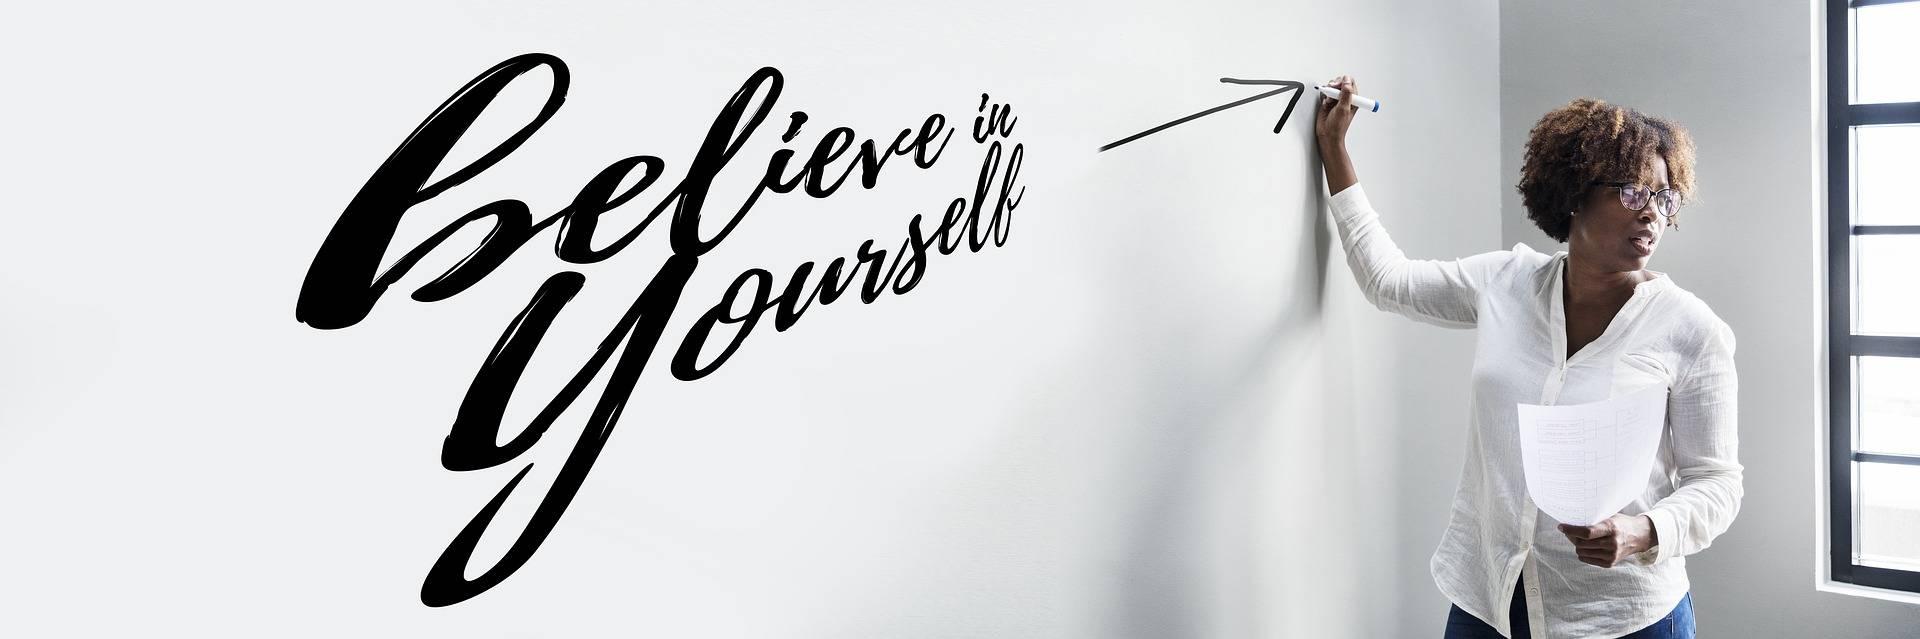 Self Esteem & Confidence